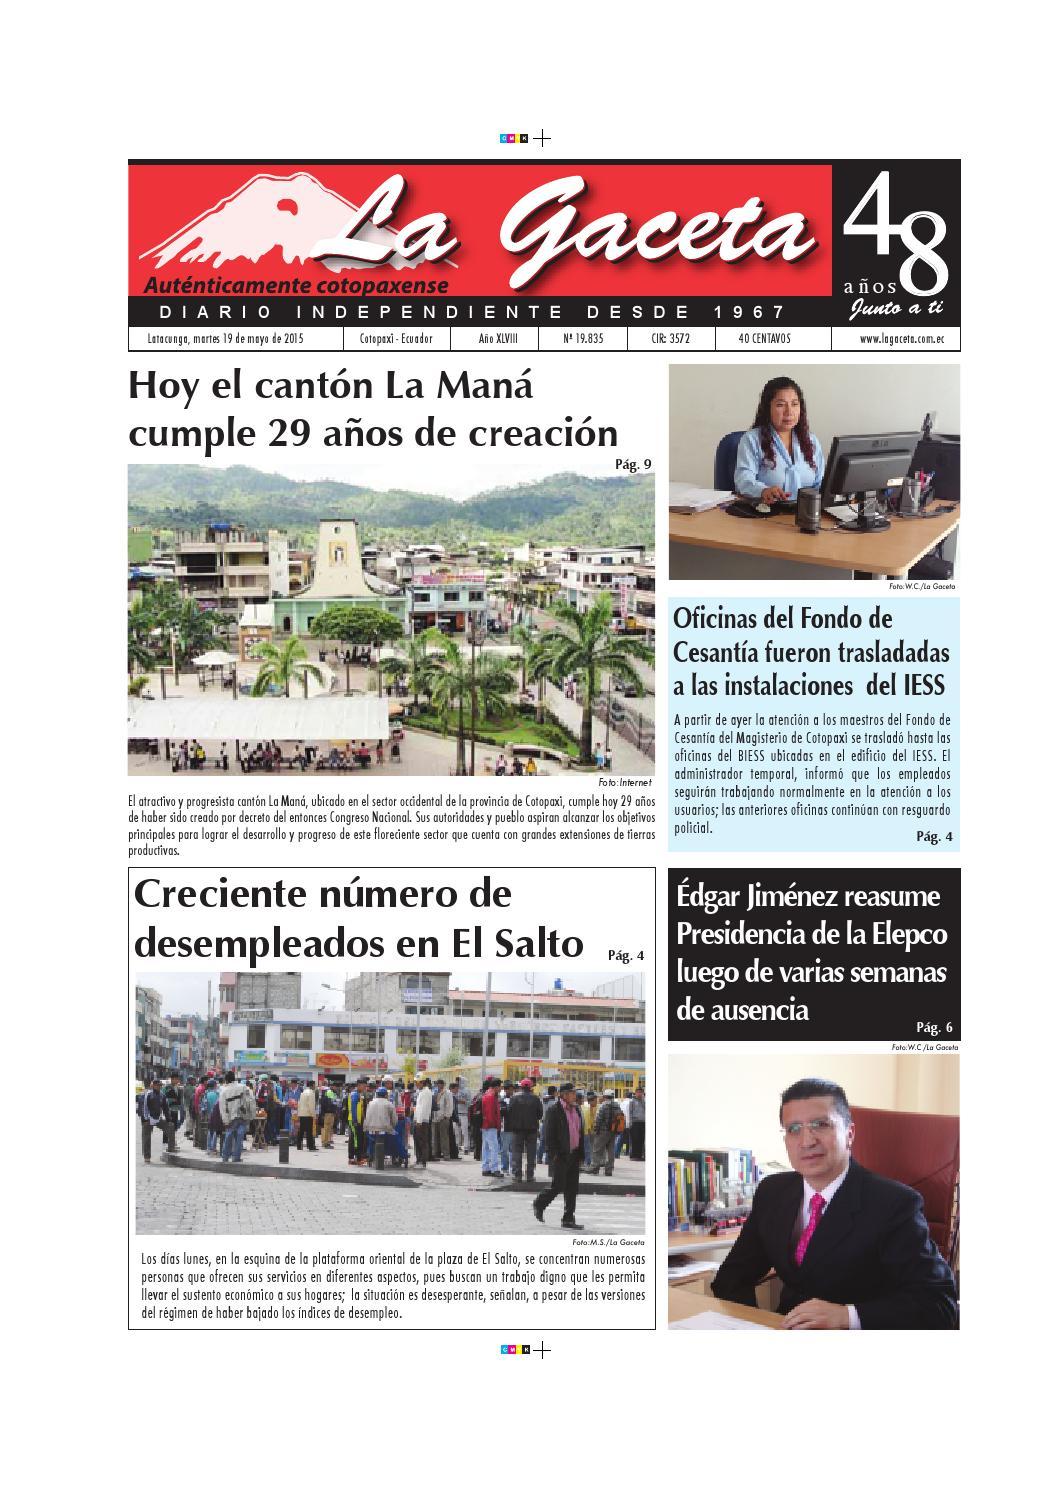 La Gaceta 19 mayo 2015 by Diario La Gaceta - issuu